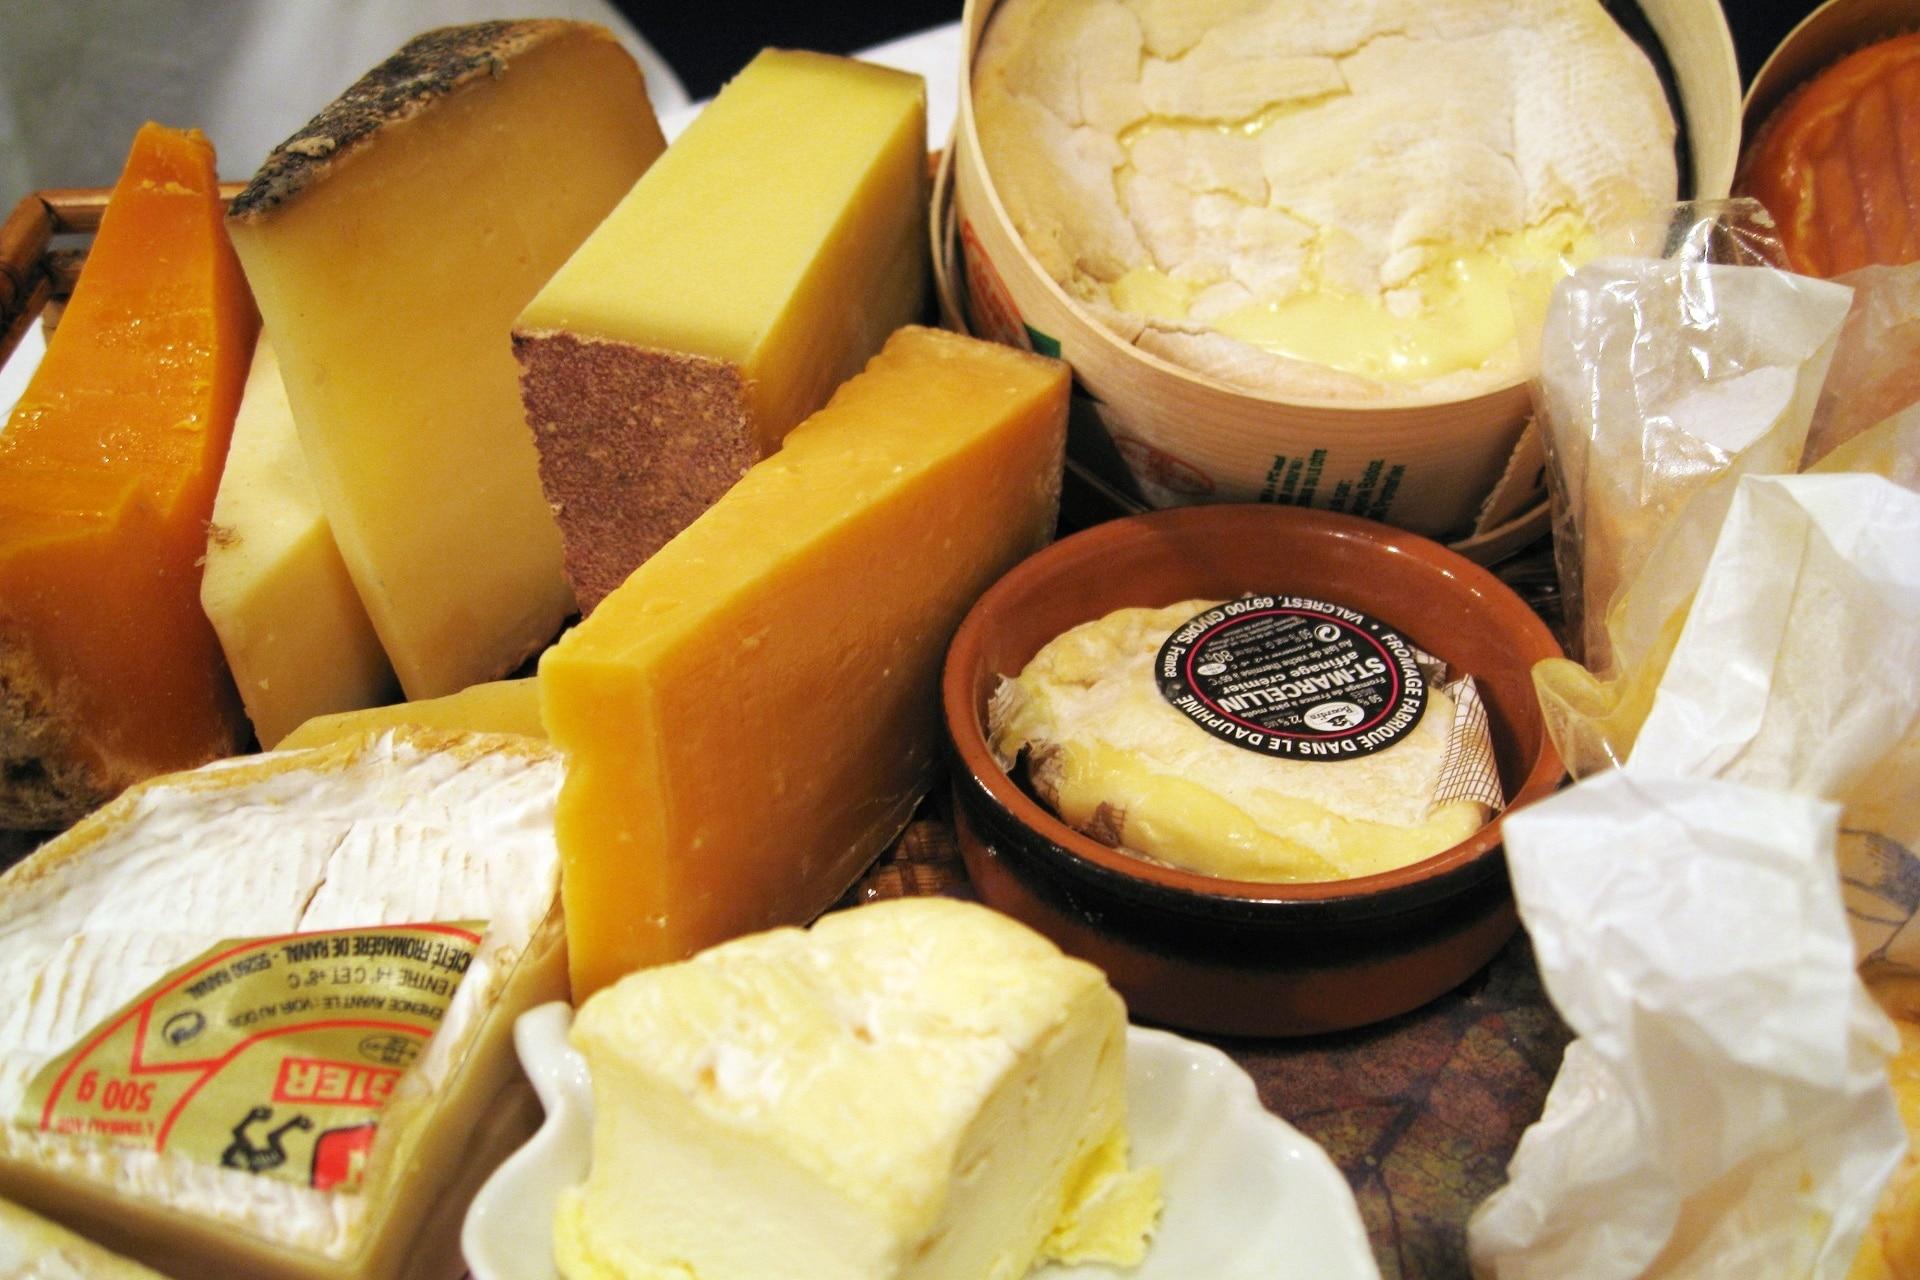 牛乳の栄養が凝縮さらた「チーズ」低糖質で糖質制限に適しています!